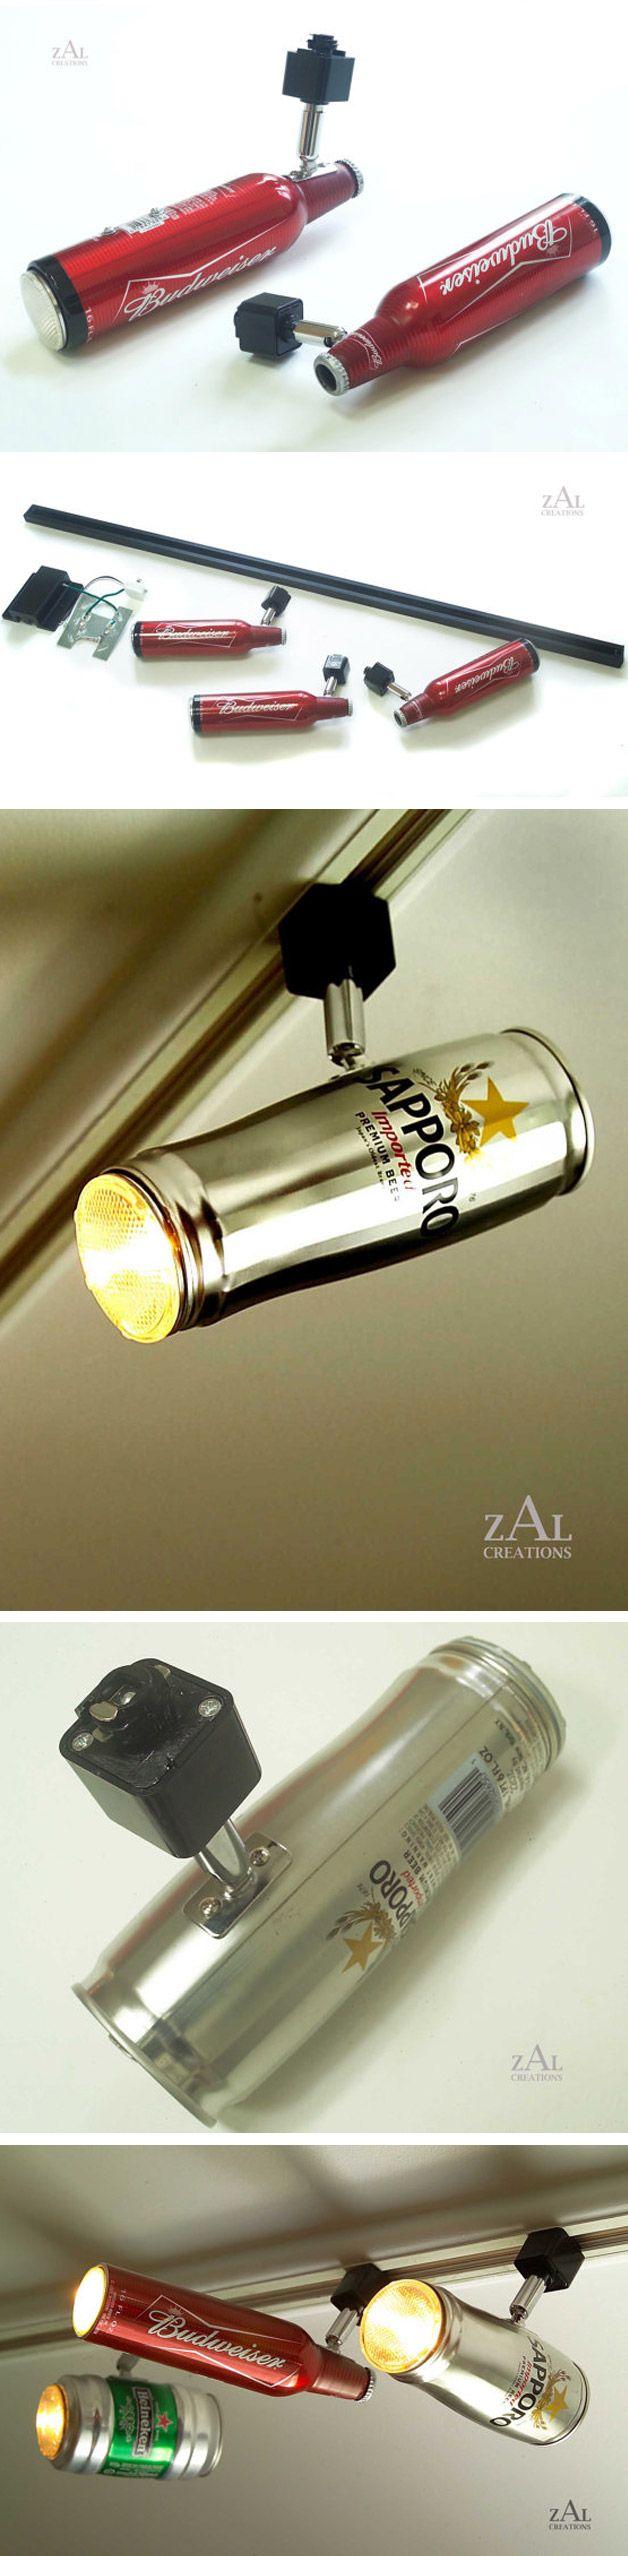 Luminária feita de latas/garrafas de bebidas.